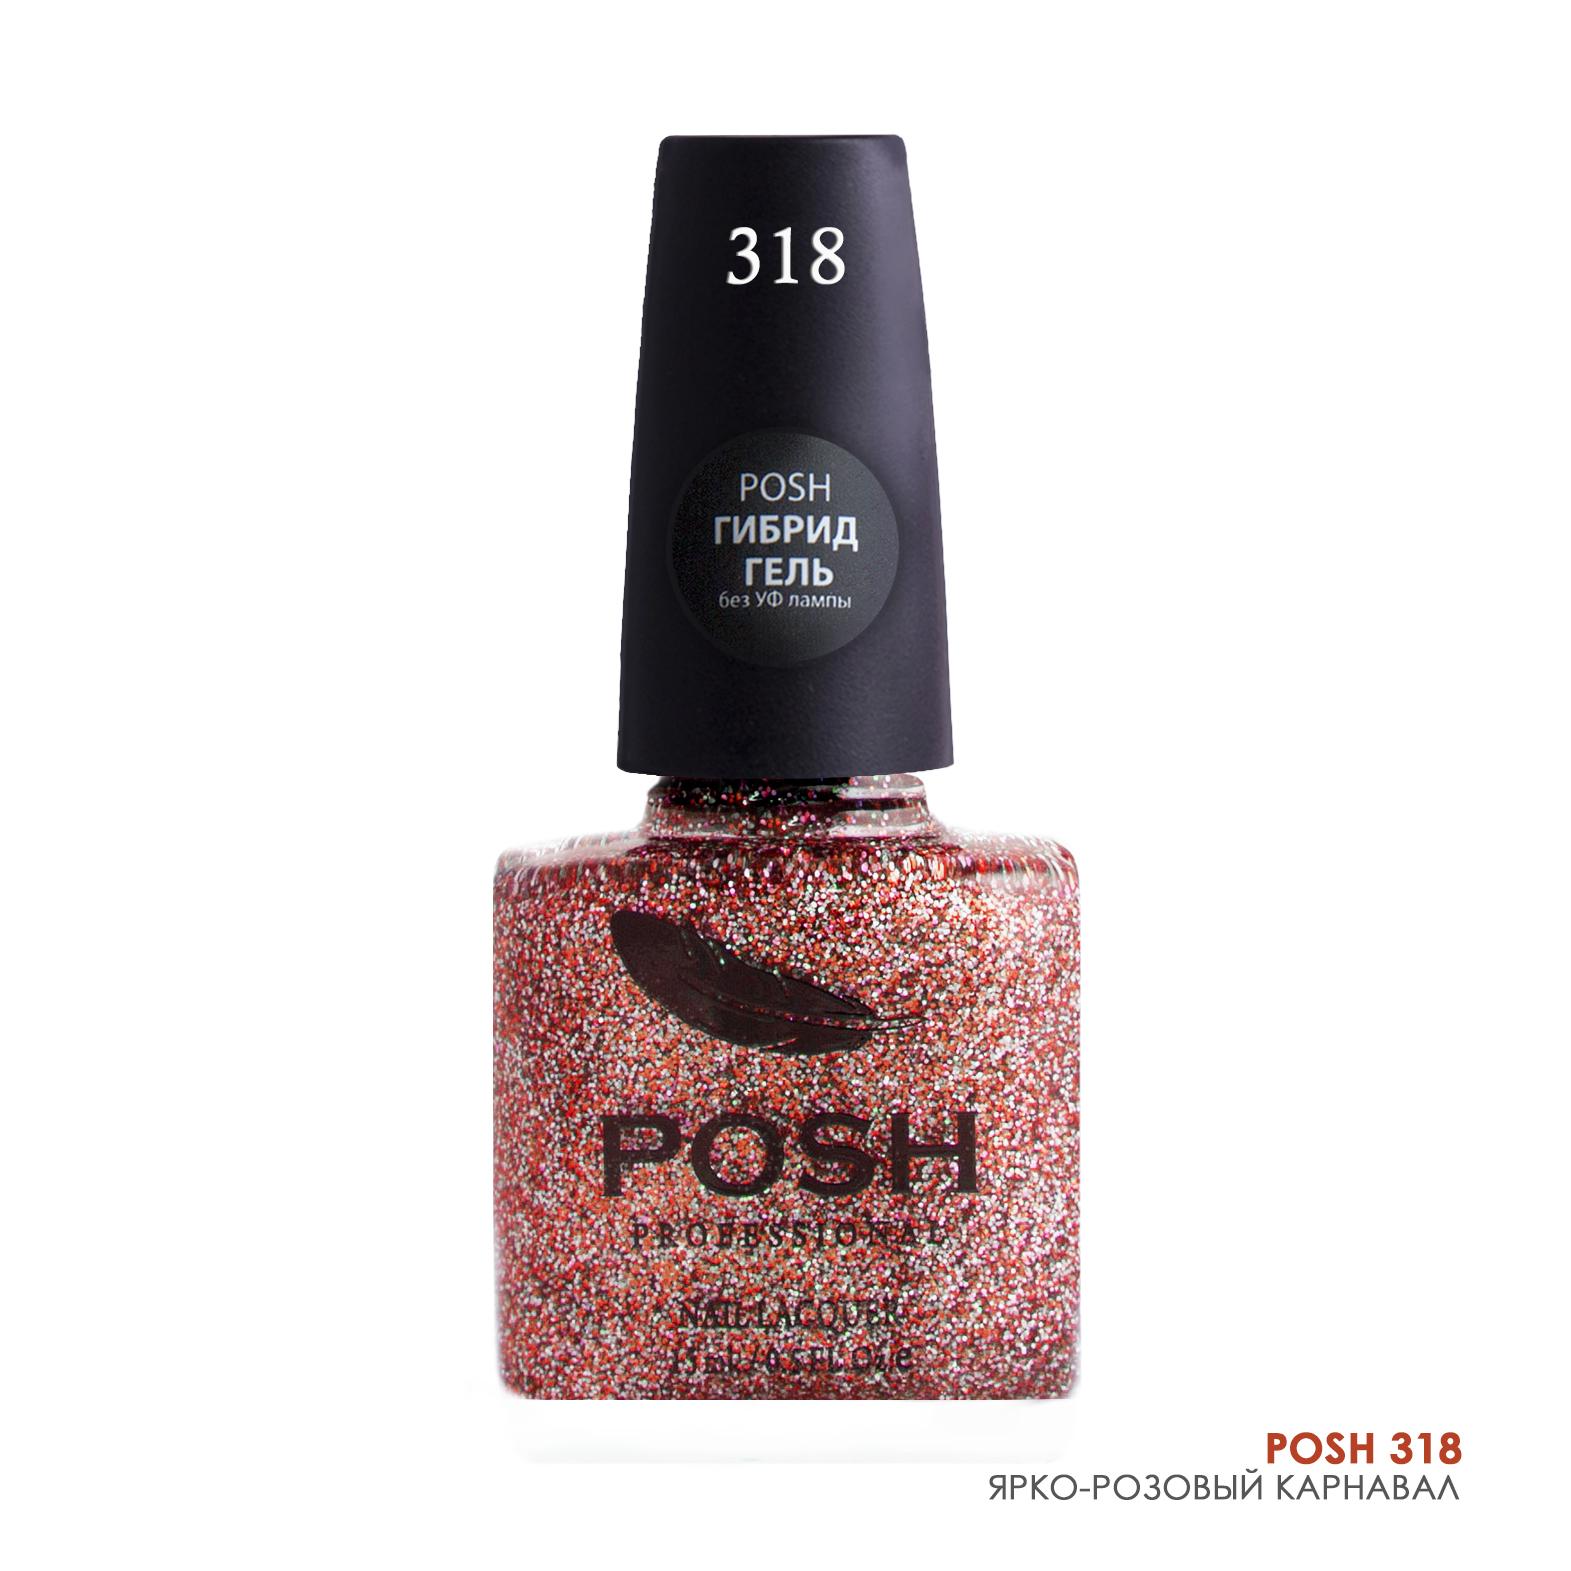 POSH 318 лак для ногтей с блестками Ярко-розовый карнавал 15мл